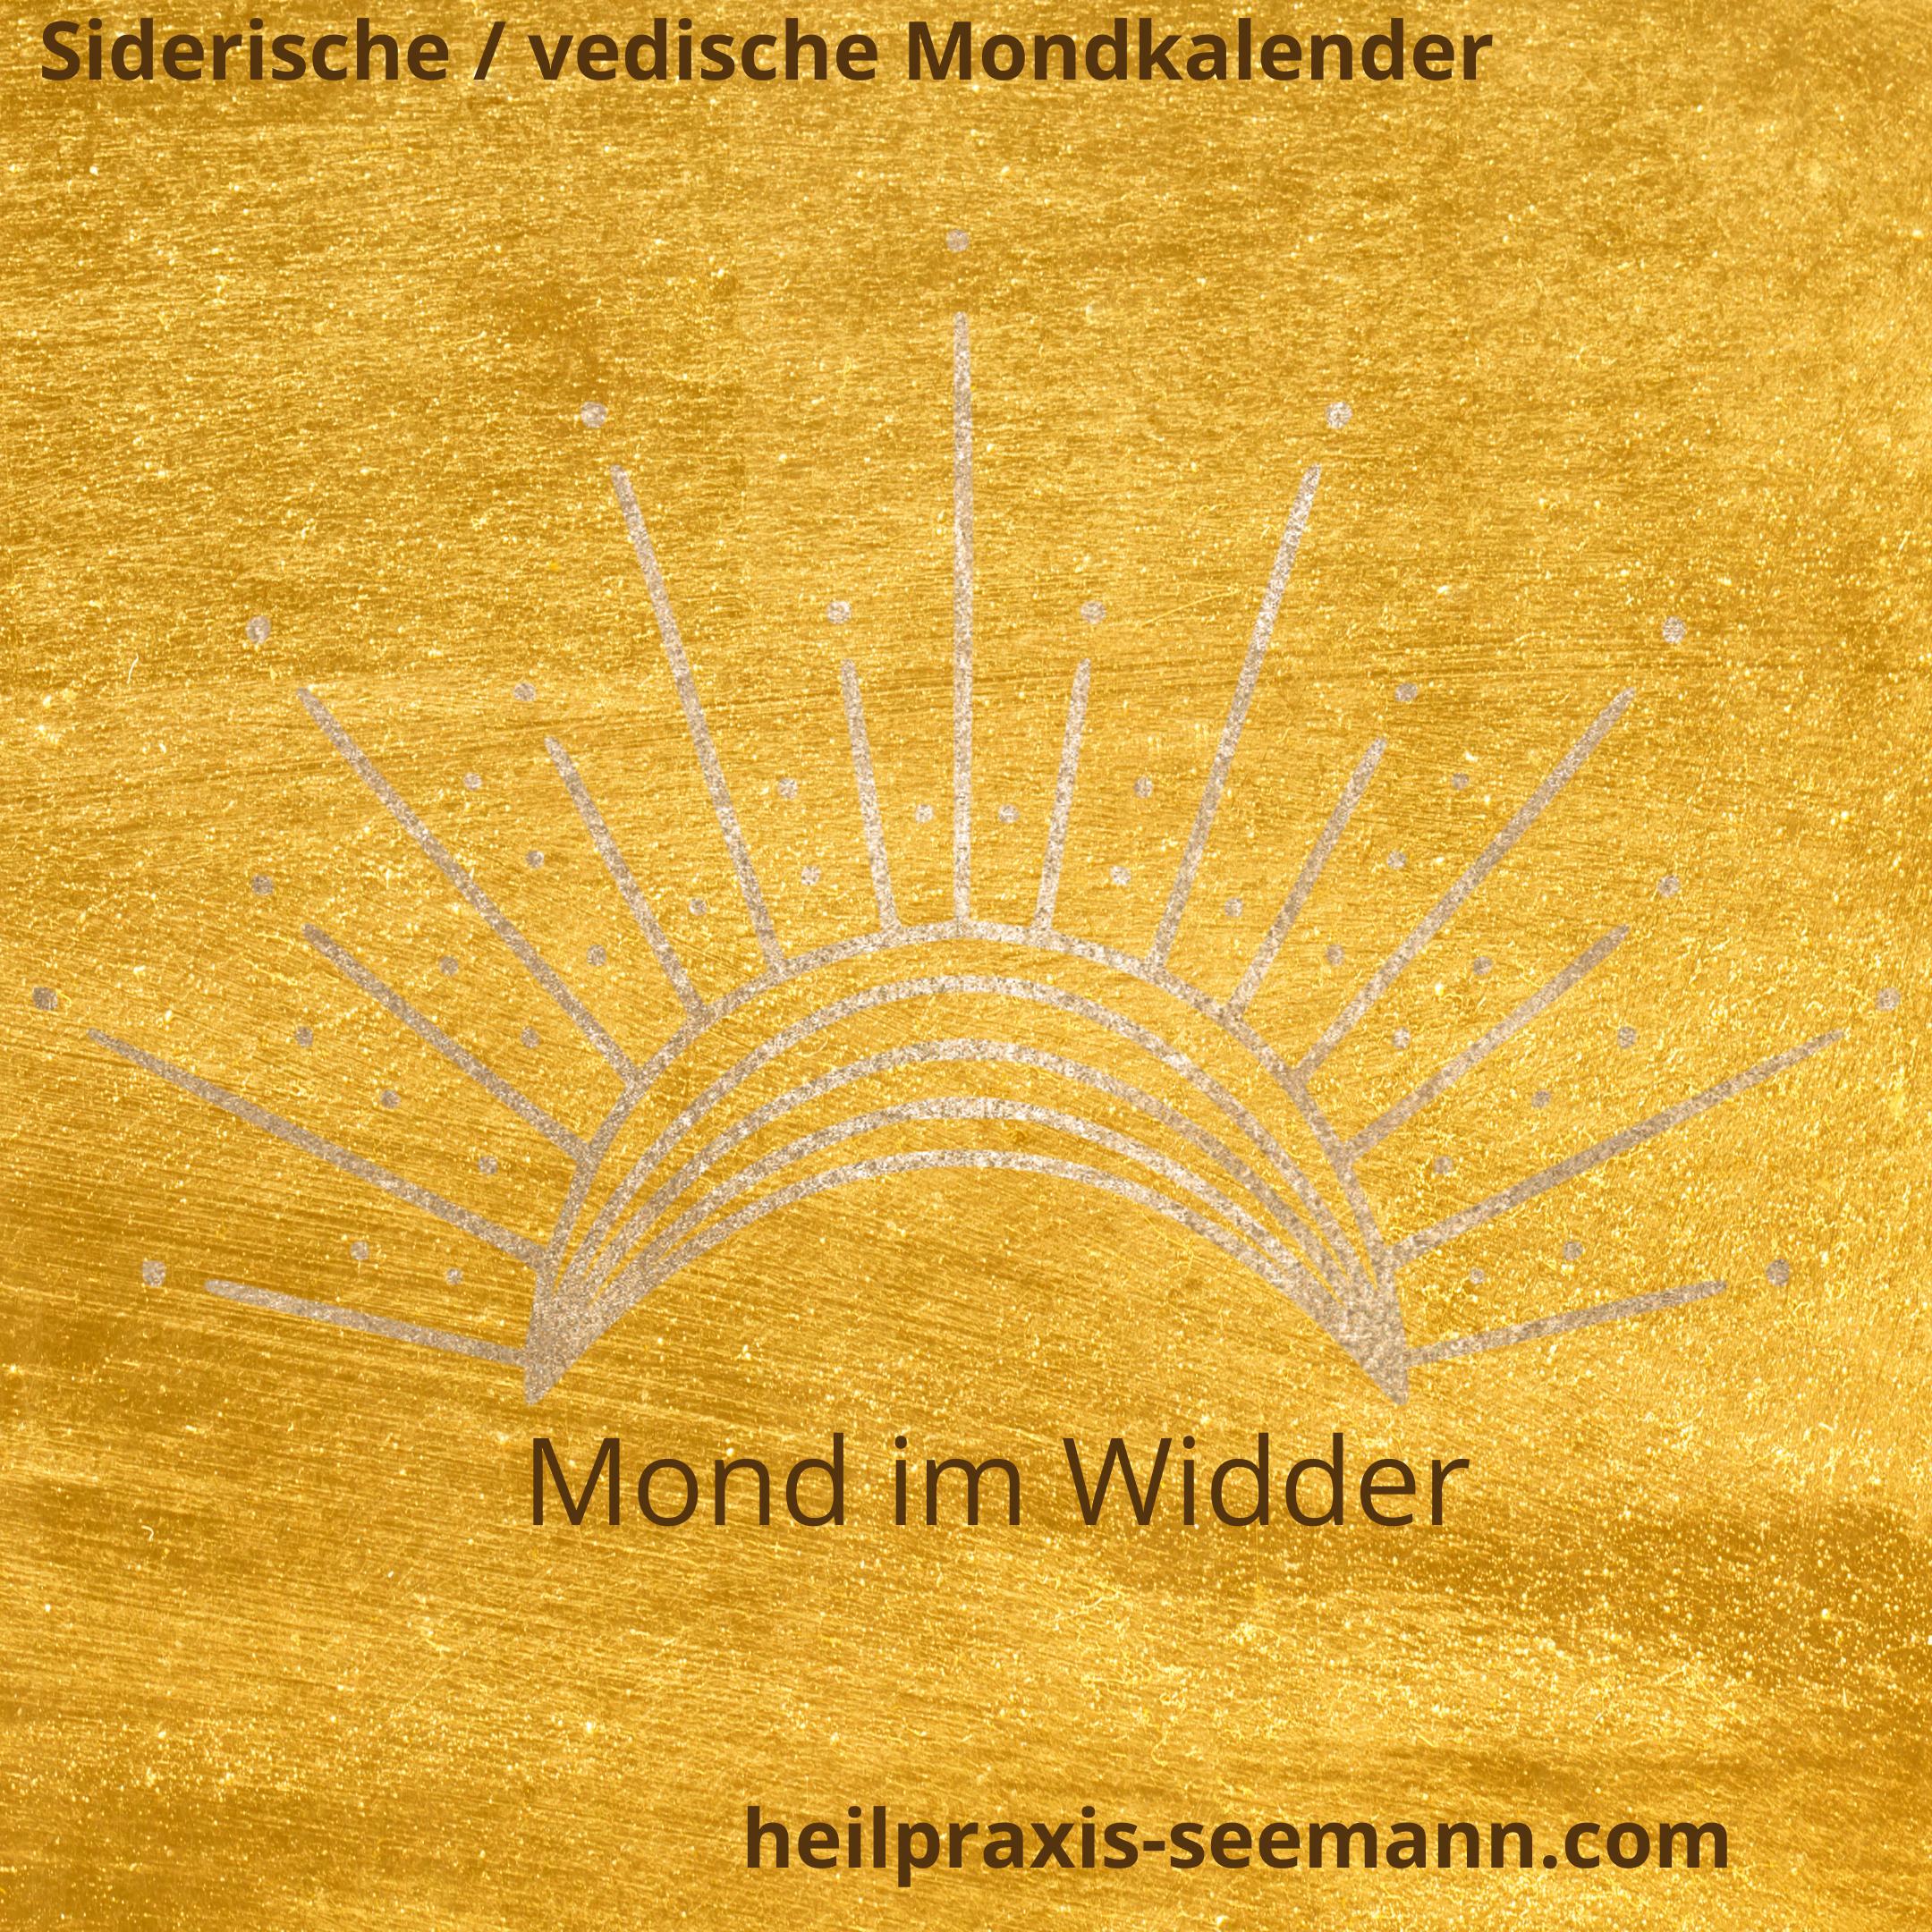 Siderische Mondkalende Widder (1)